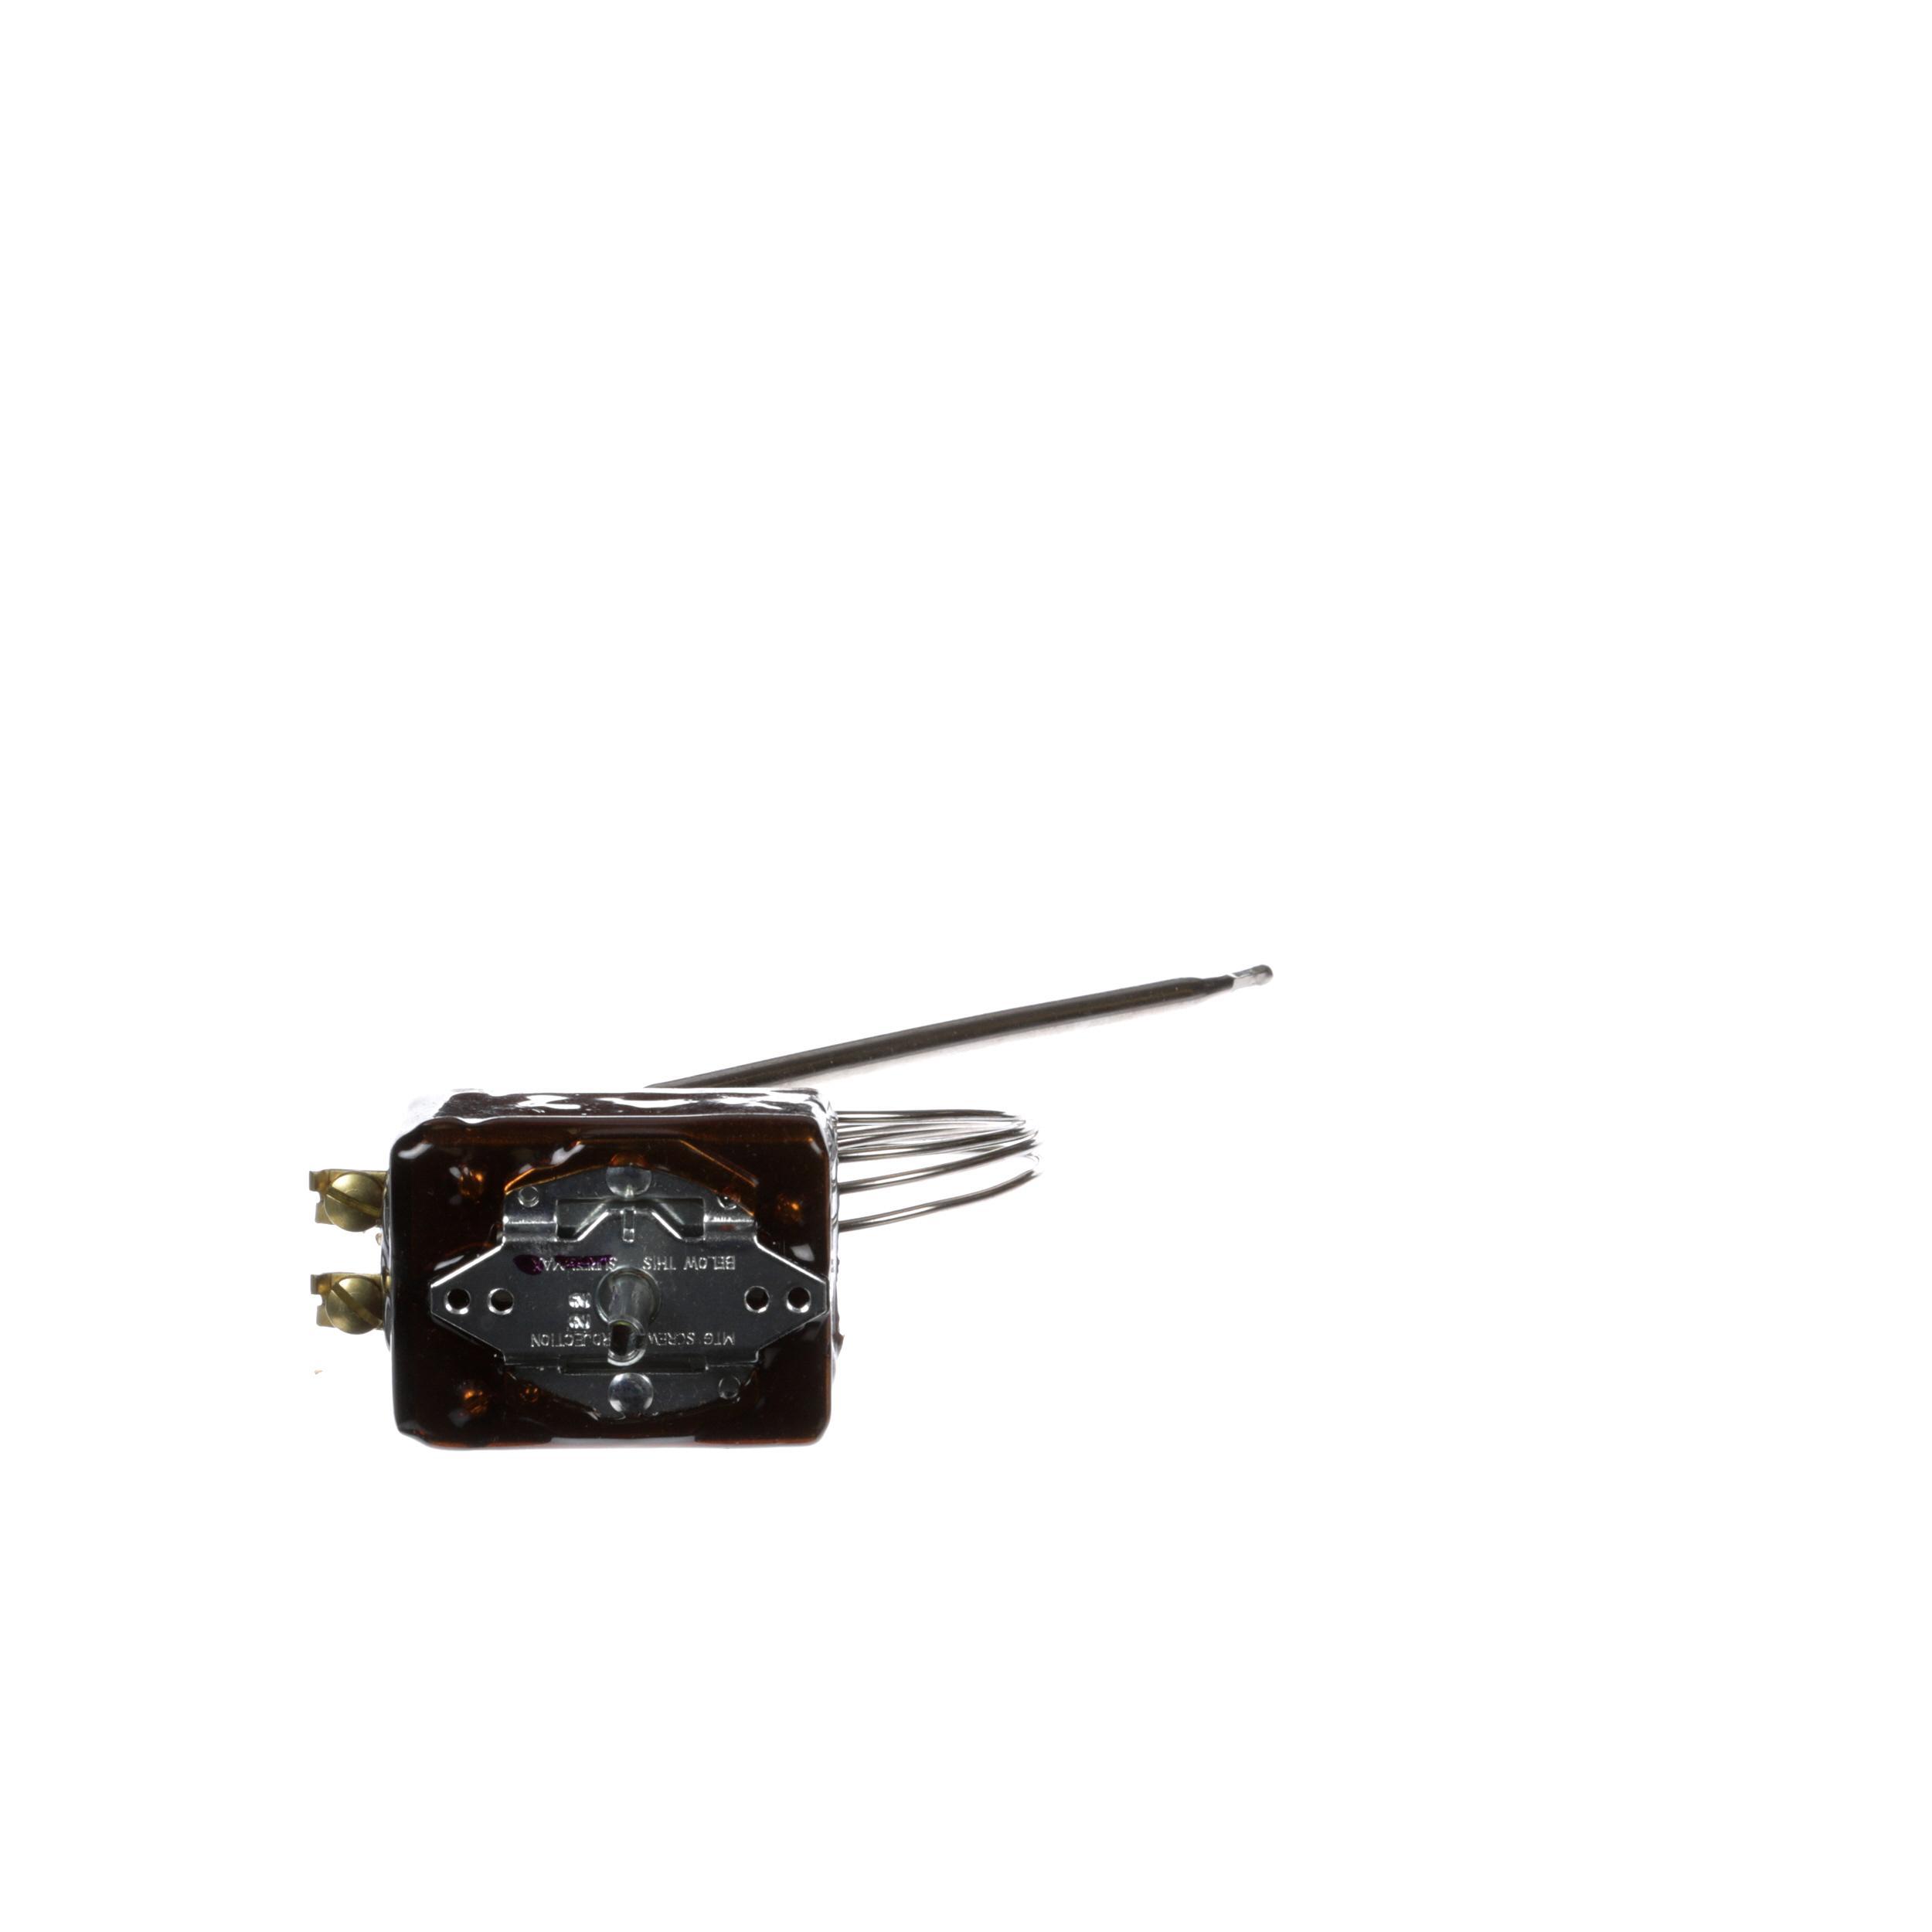 WIT00 960741 100 [ haynes manual 96 sunfire ] delfield element htg 208 230v  at mifinder.co